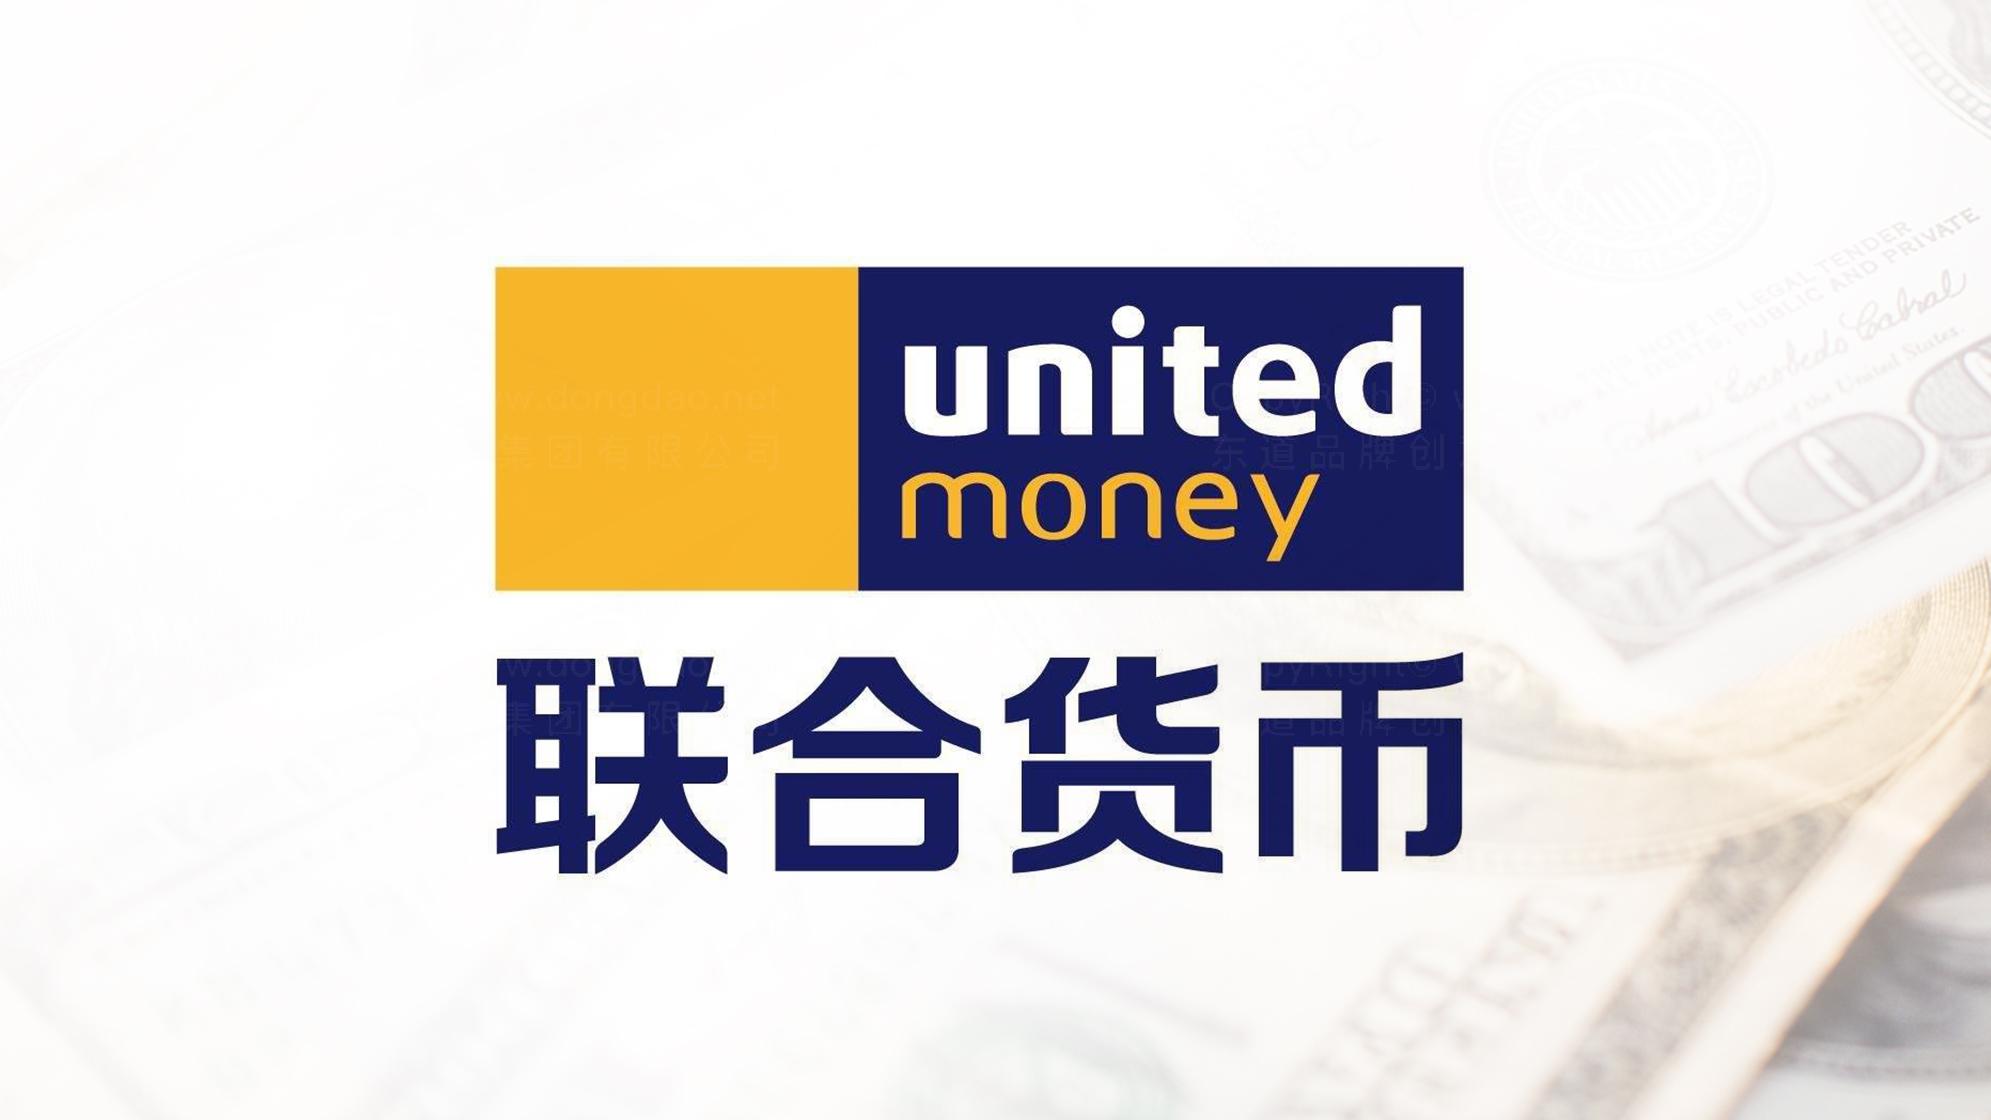 品牌设计案例United联合货币LOGO&VI设计